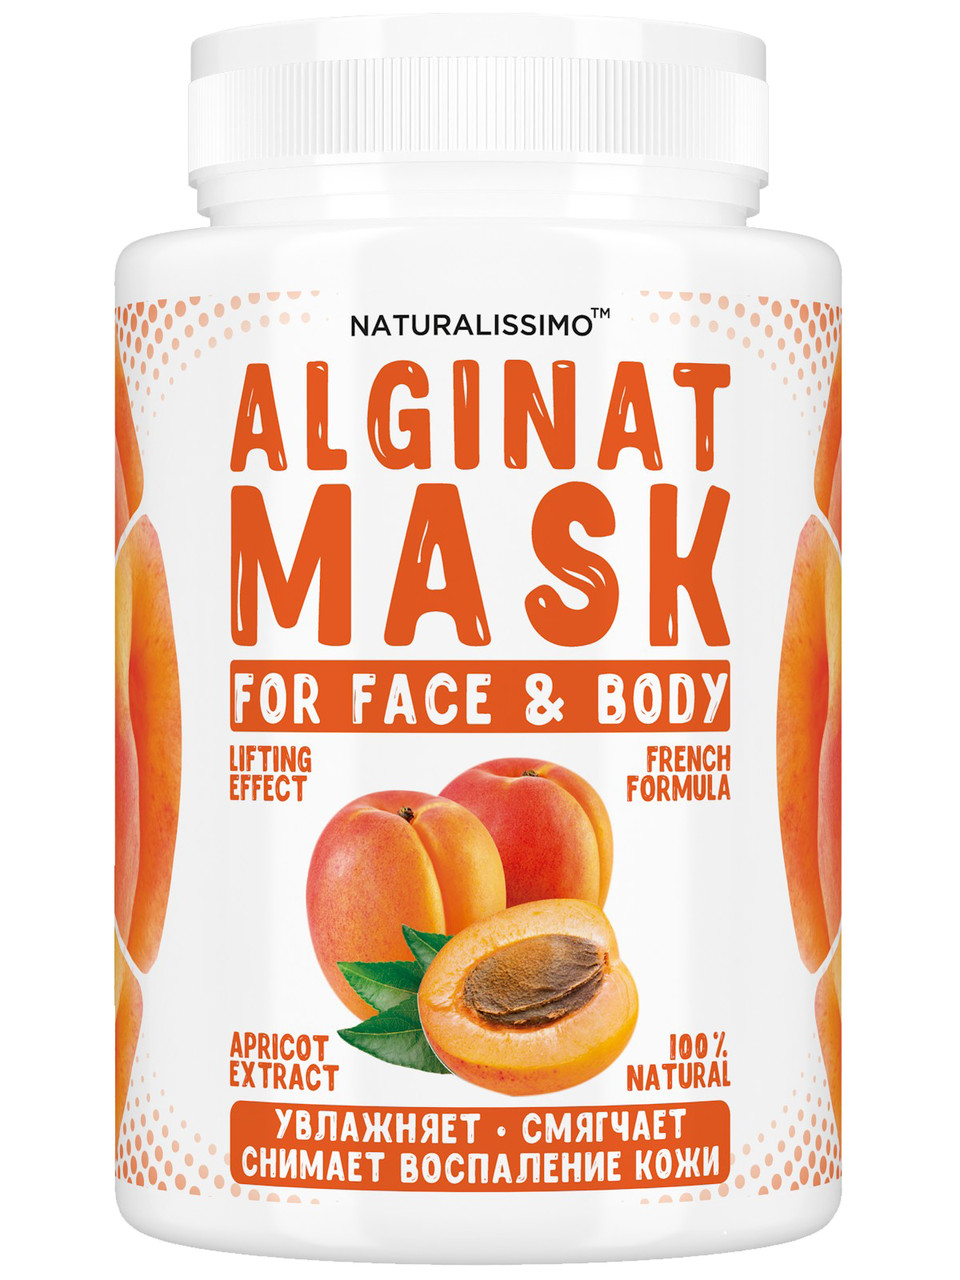 Альгинатная маска Смягчает, питает и омолаживает кожу, с абрикосом, 200 г